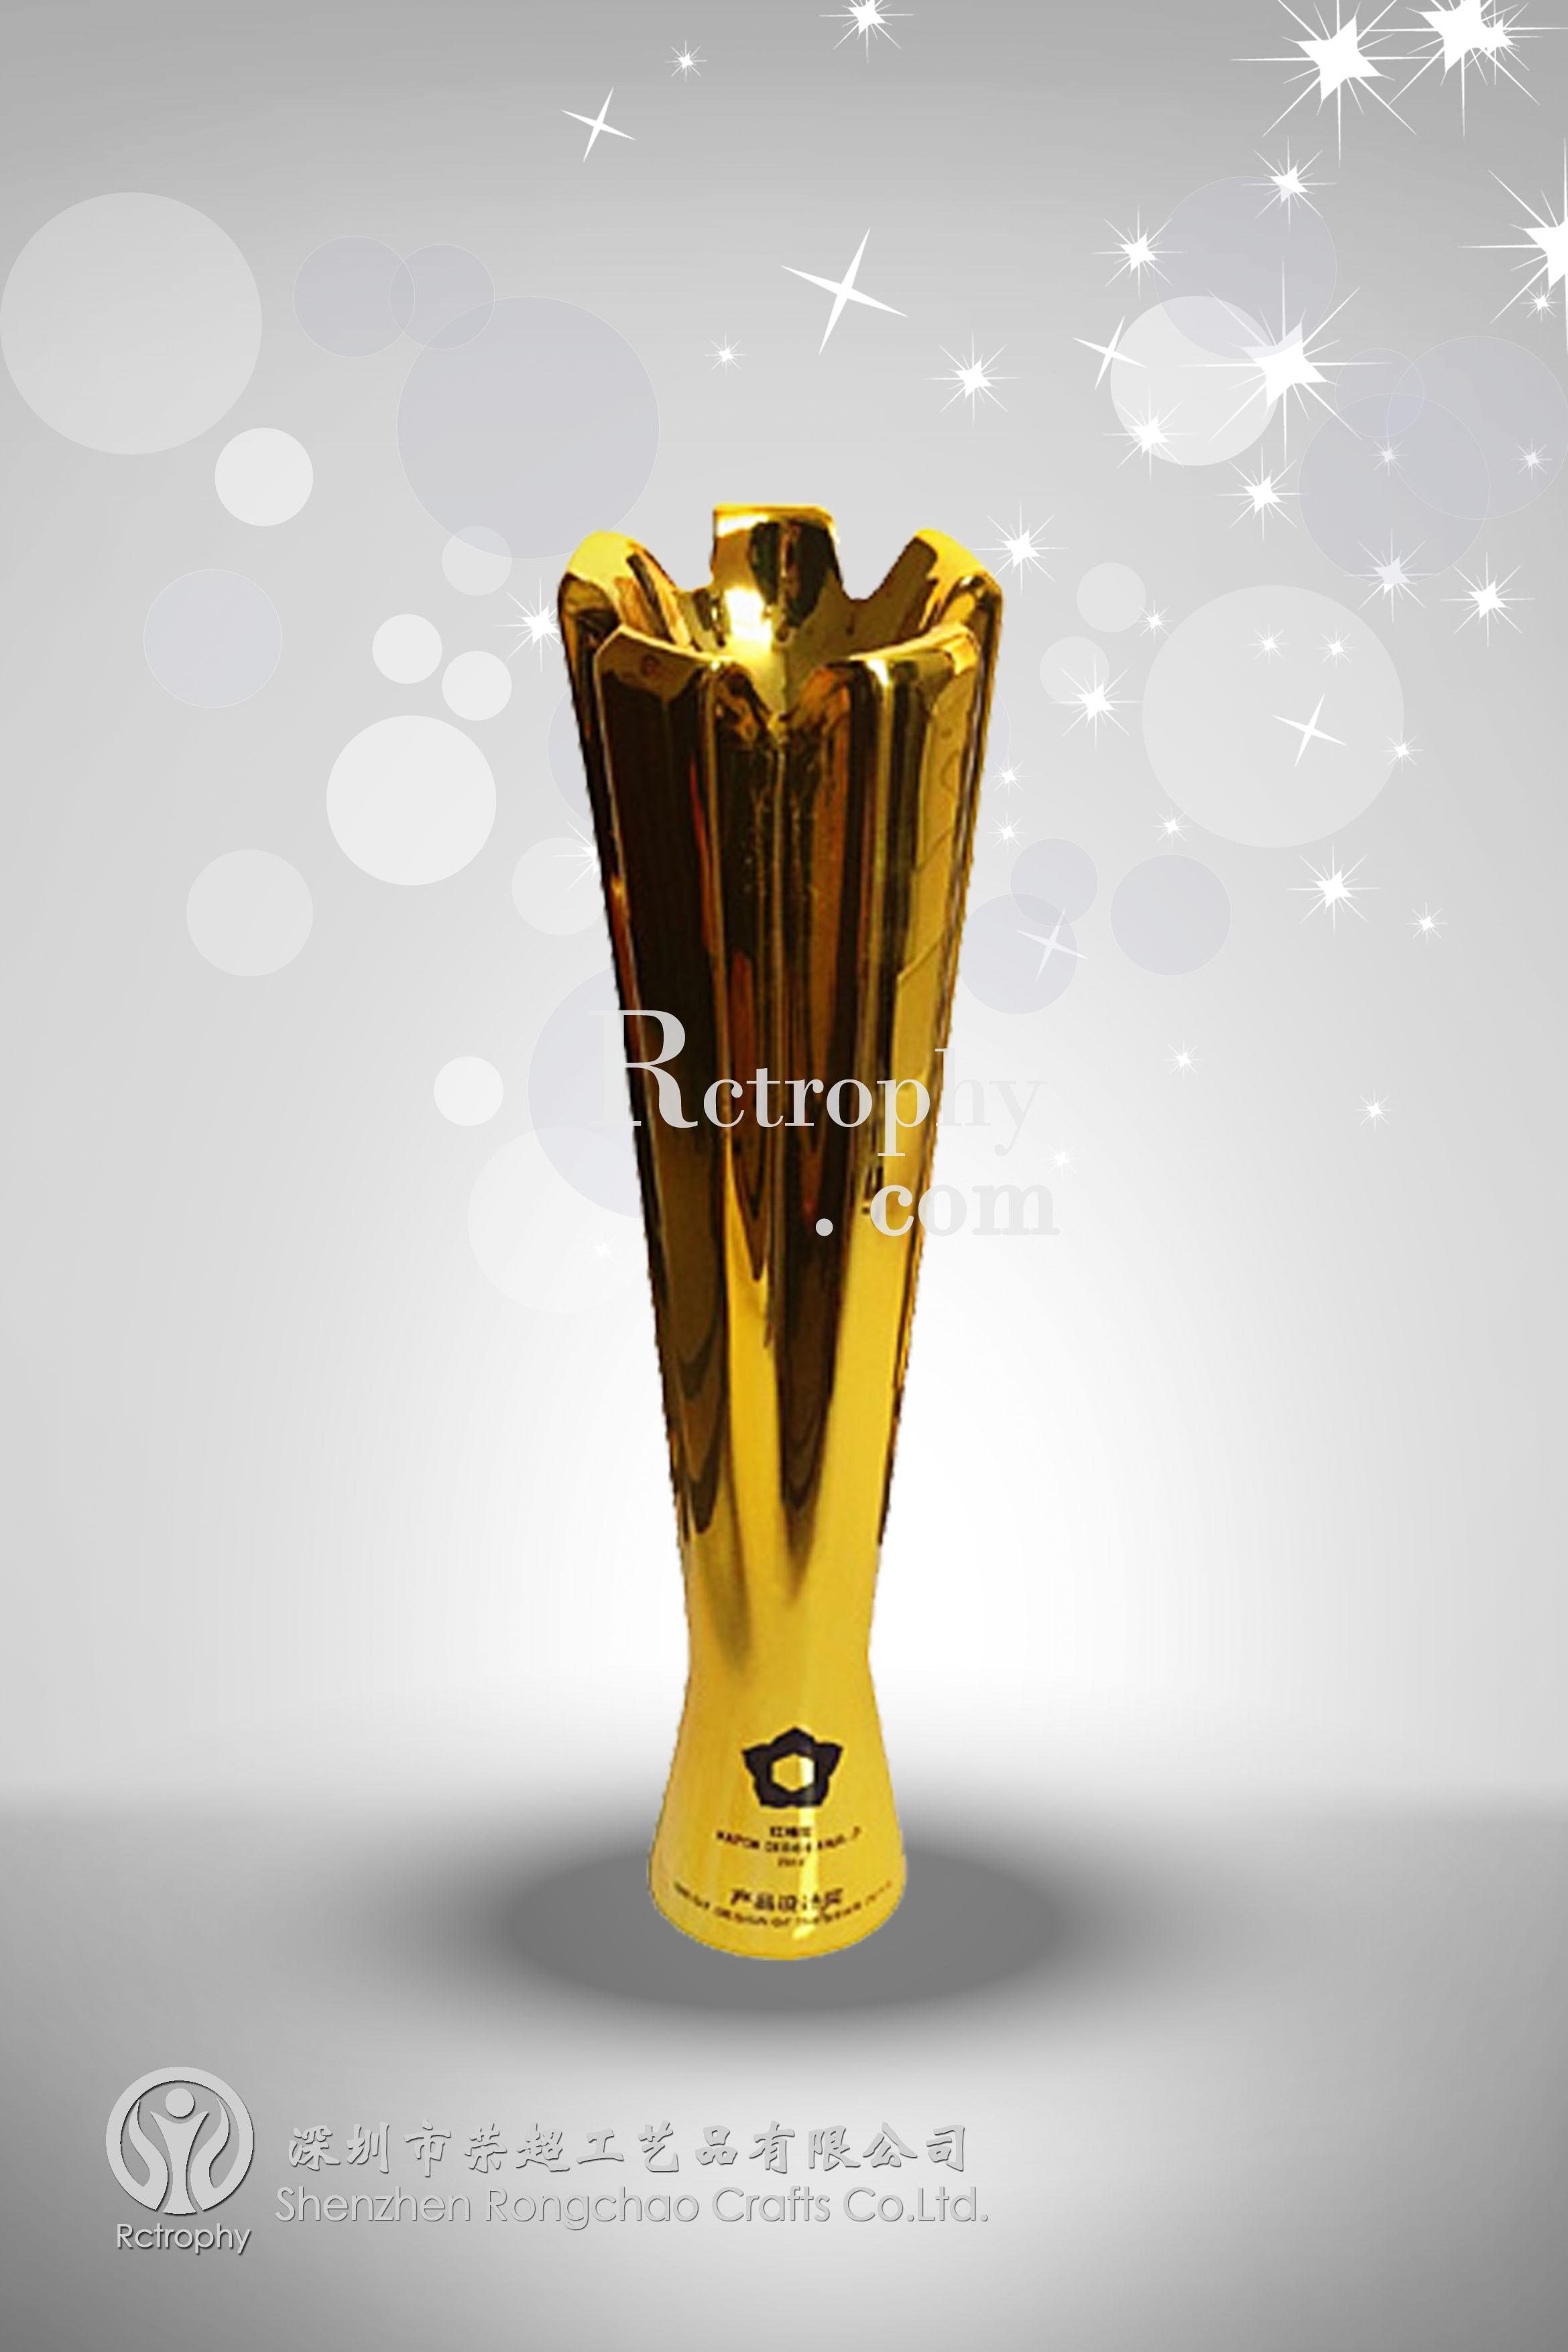 奖杯定制 奖杯制作 奖杯设计 体育奖杯 金属奖杯 定制图片